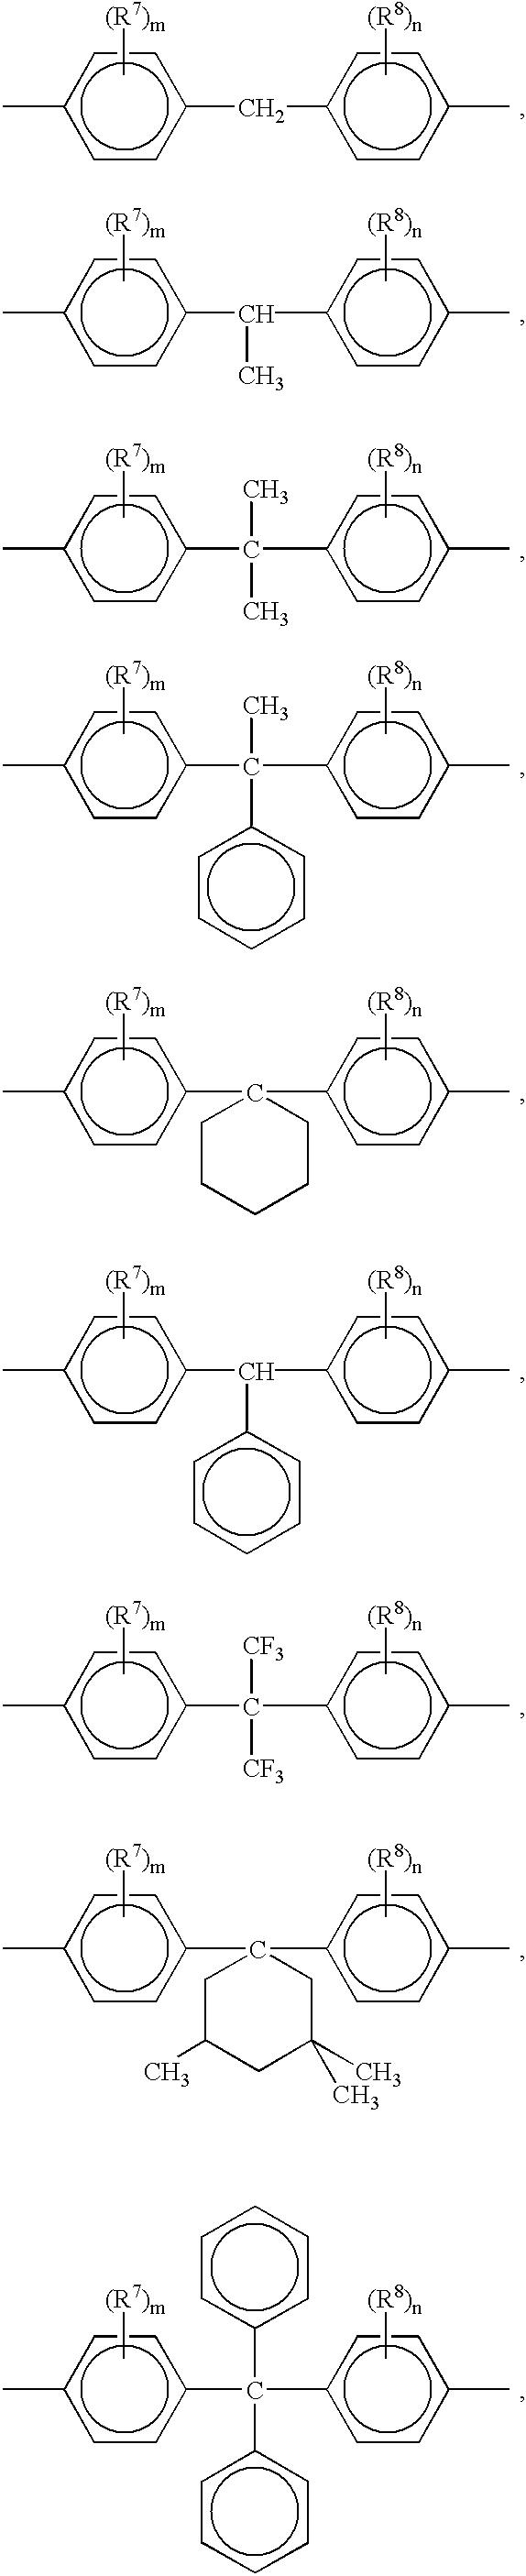 Figure US06512077-20030128-C00005